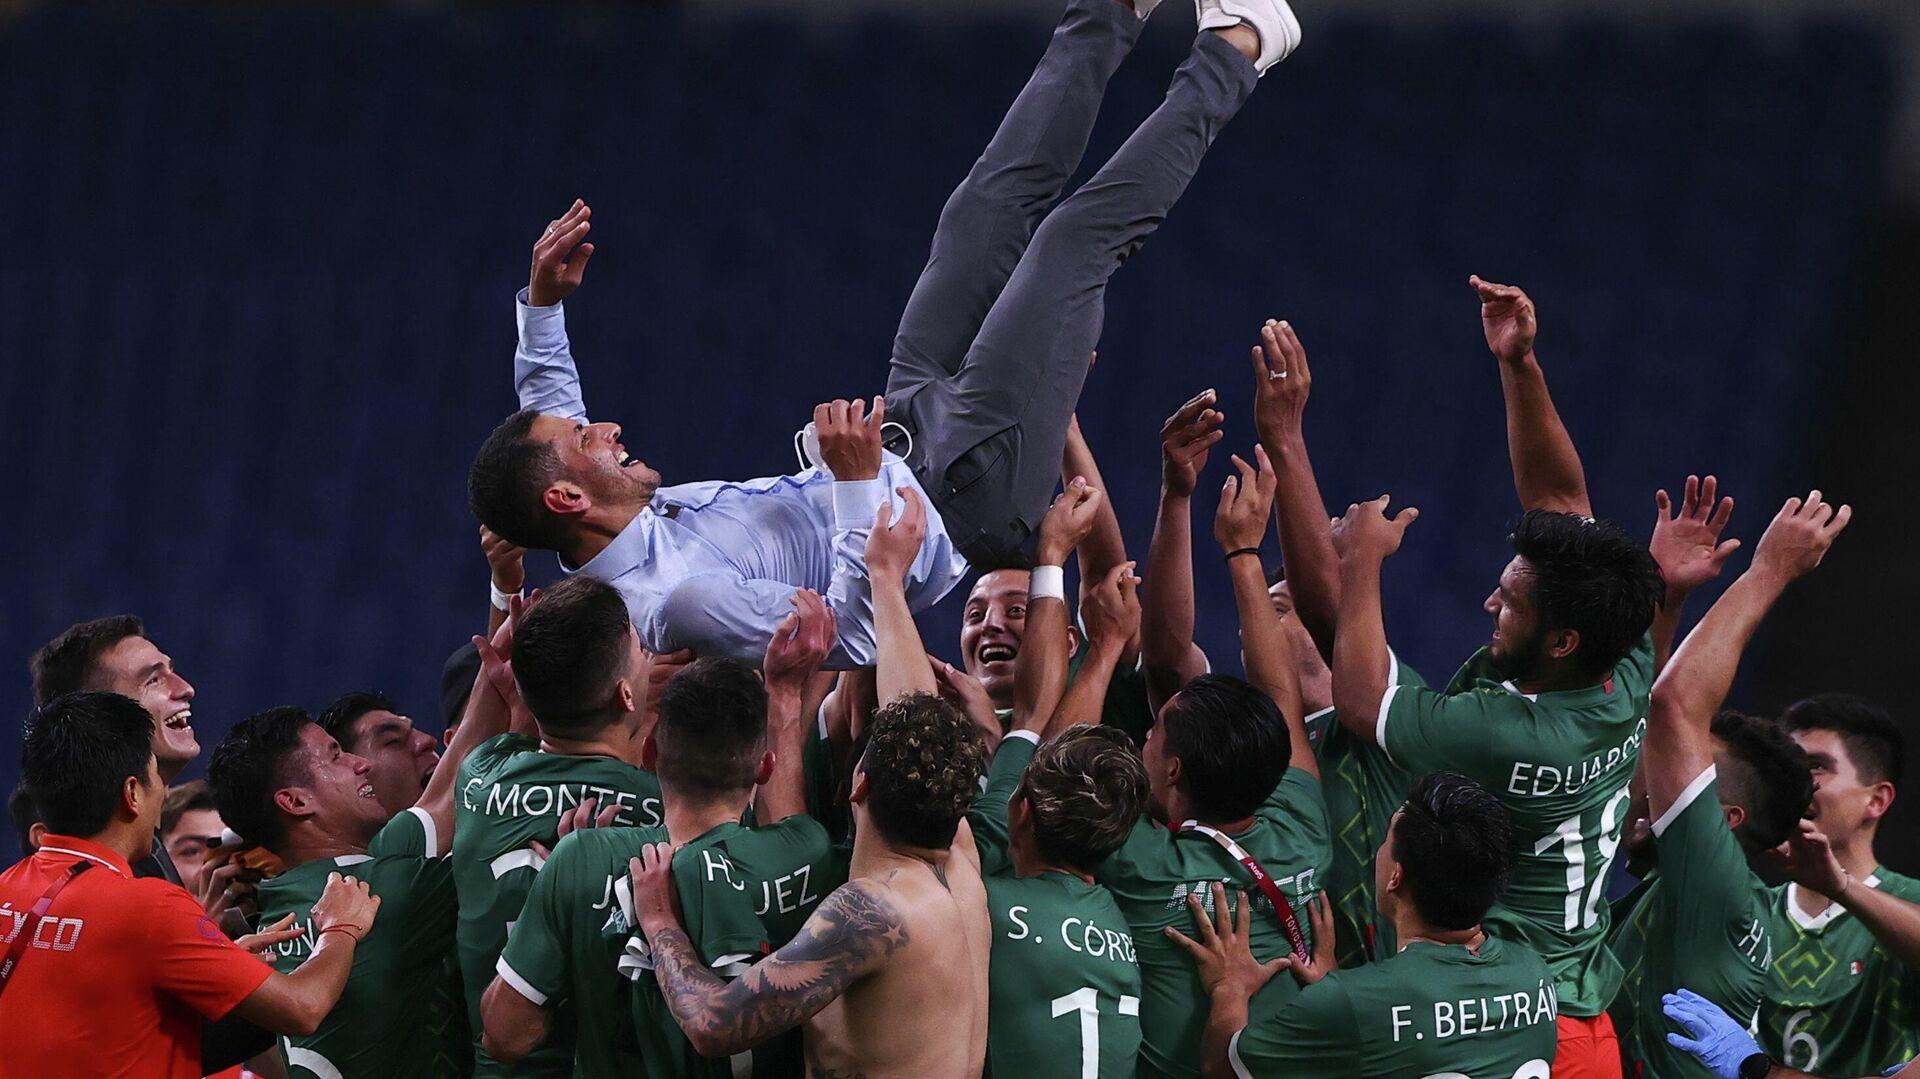 La selección mexicana de fútbol celebra su victoria sobre Japón en los Juegos Olímpicos de Tokio - Sputnik Mundo, 1920, 06.08.2021